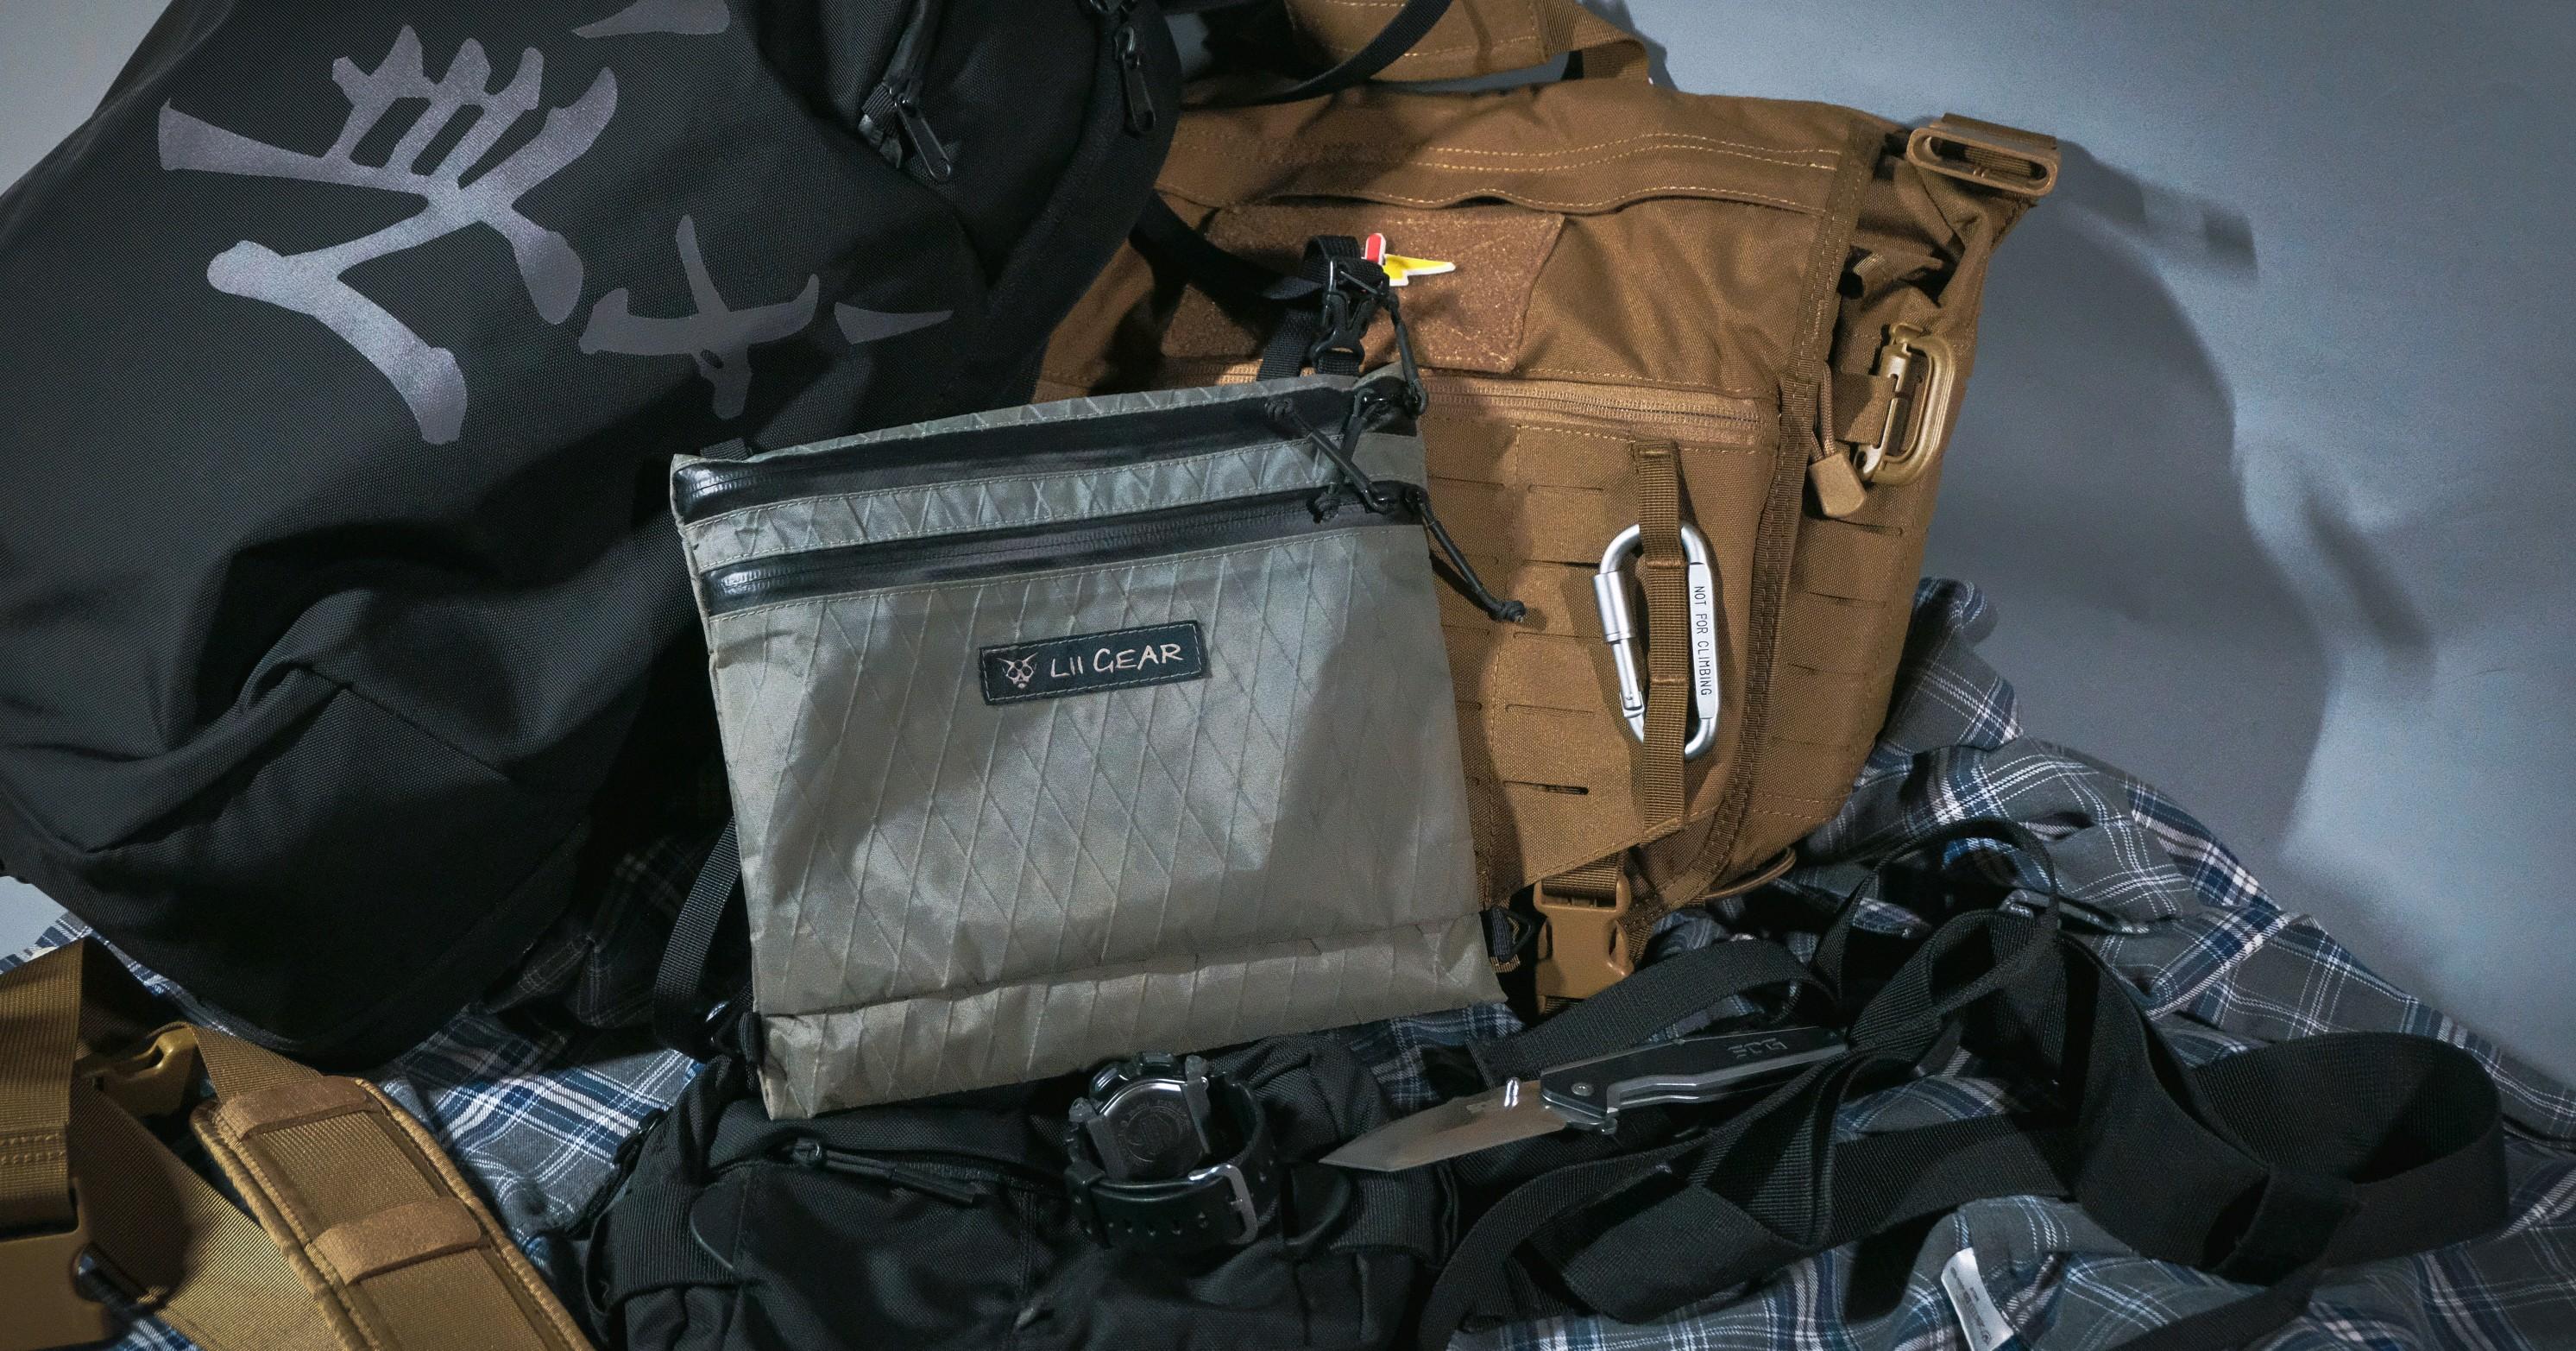 潮流战术也能完美融合? 超高颜值的Lii Gear MUSSTTE BAG X  X-pac挎包测评